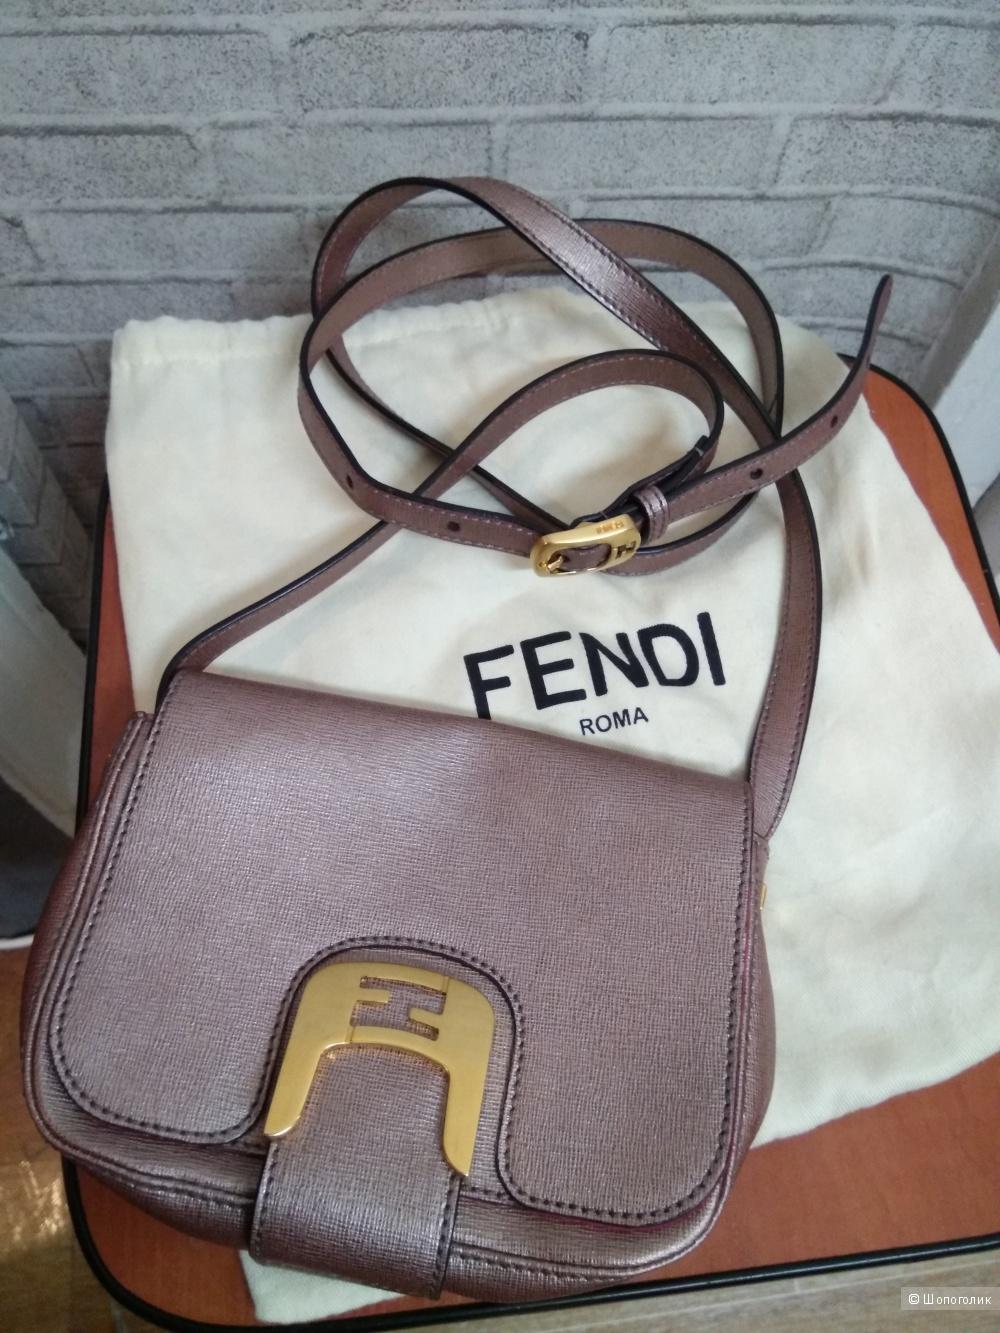 Сумочка FENDI Roma мини